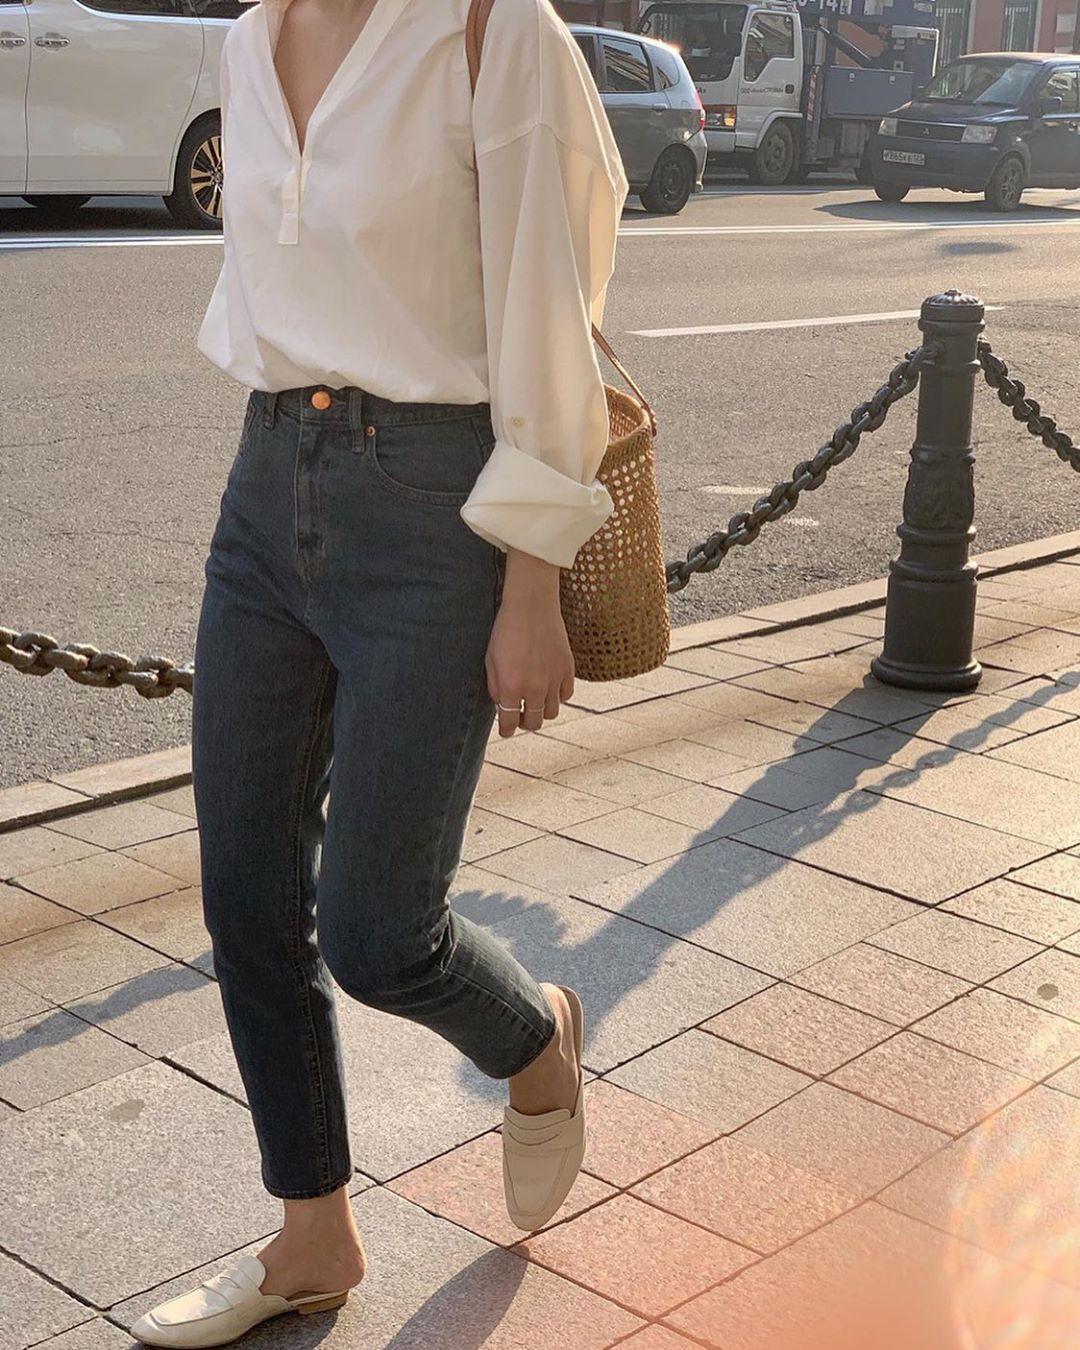 6 món thời trang Thu/Đông mà các nàng cao chưa đến 1m60 nên mạnh tay sắm - Ảnh 3